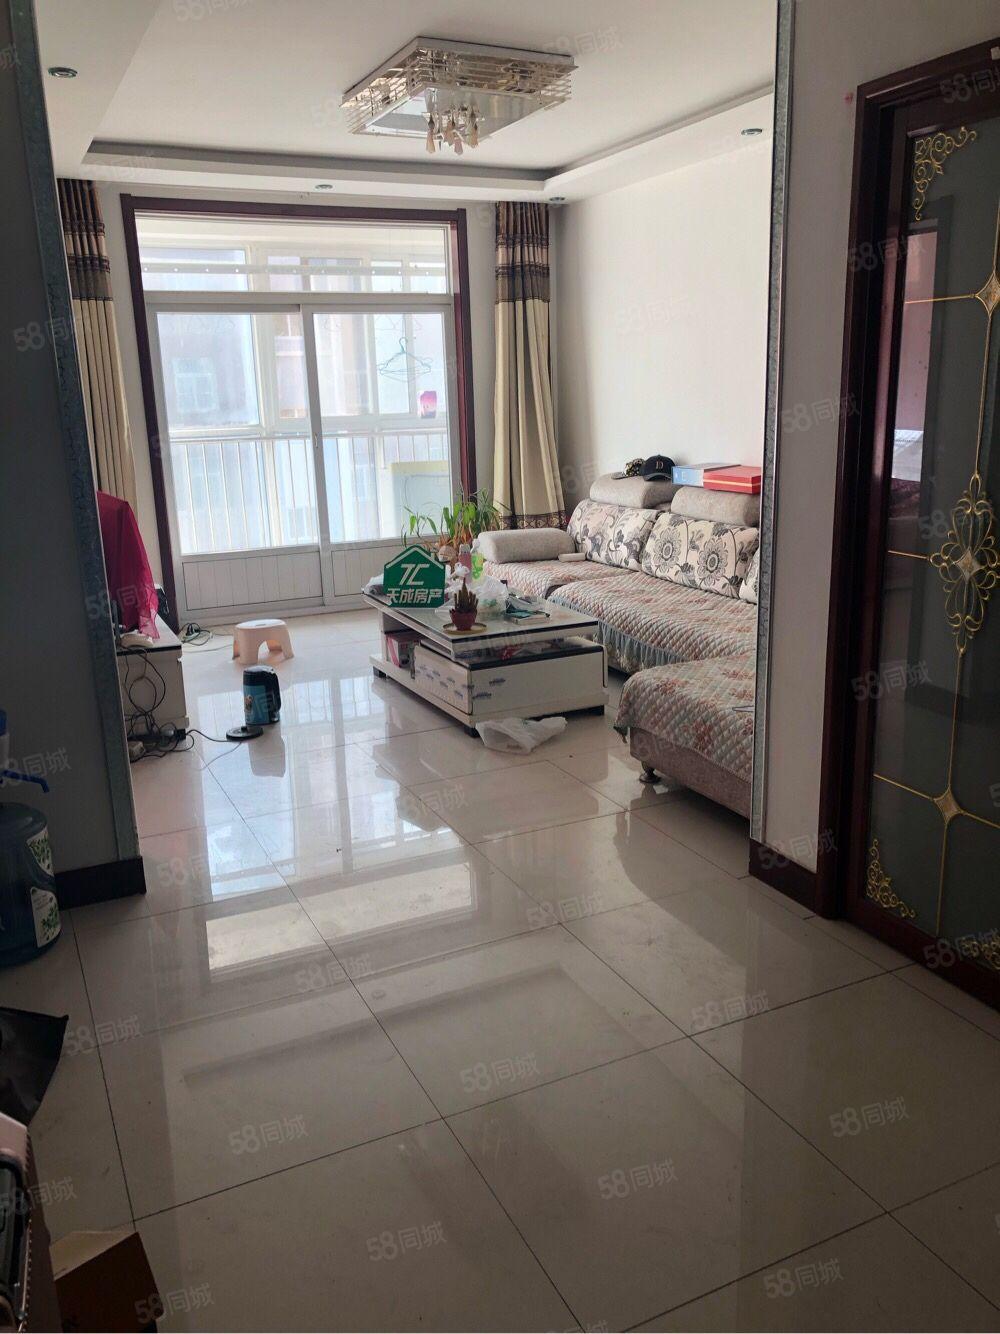 鐵西飛龍鑫家園矮樓層兩室兩廳H戶型首付21萬